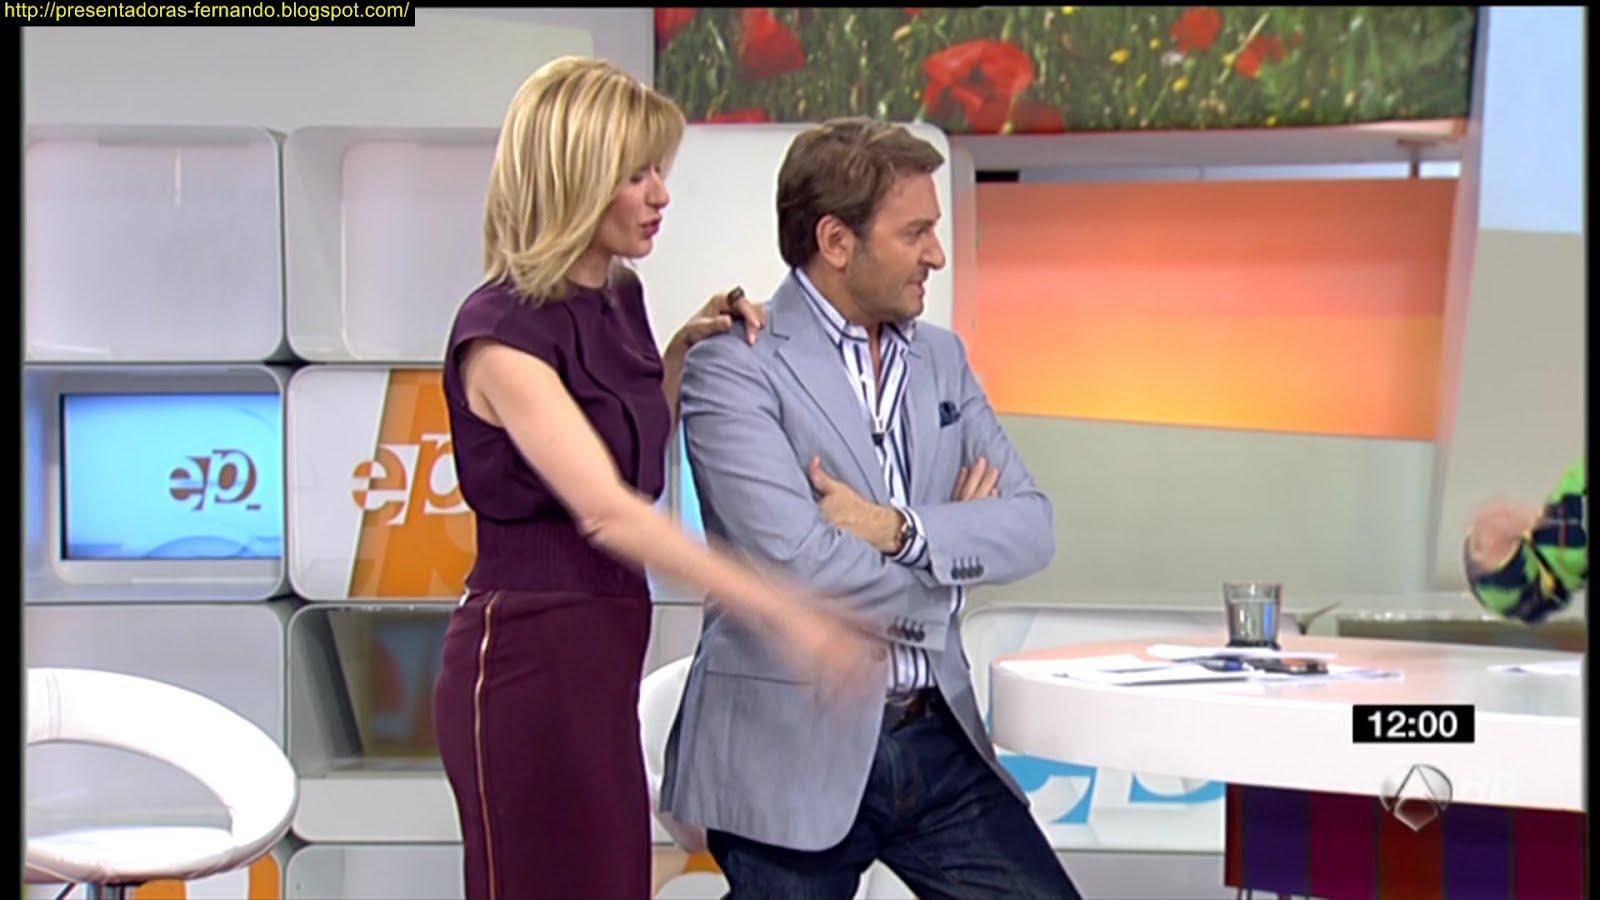 Presentadoras fernando susana griso luciendo piernas espejo publico 11 4 2012 - Espejo publico hoy ...